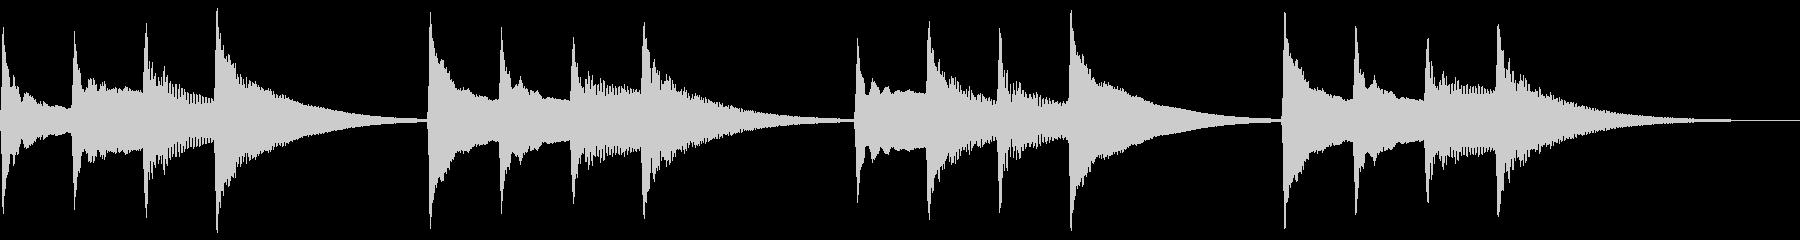 キンコンカンコン。学校チャイム(低)の未再生の波形